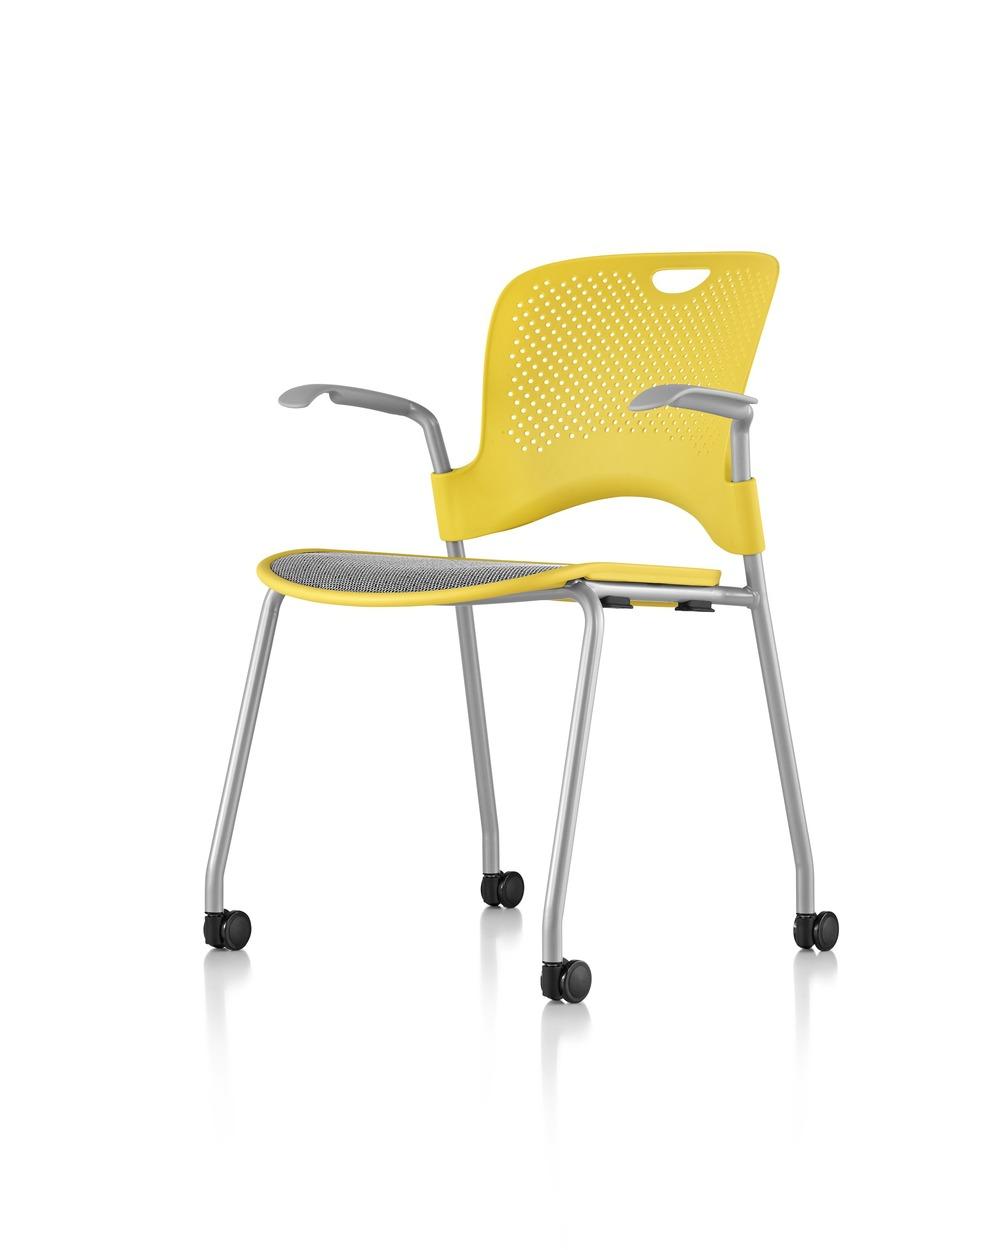 Versjon med Flexnet sete og Metllic Silver ramme, plast rygg.